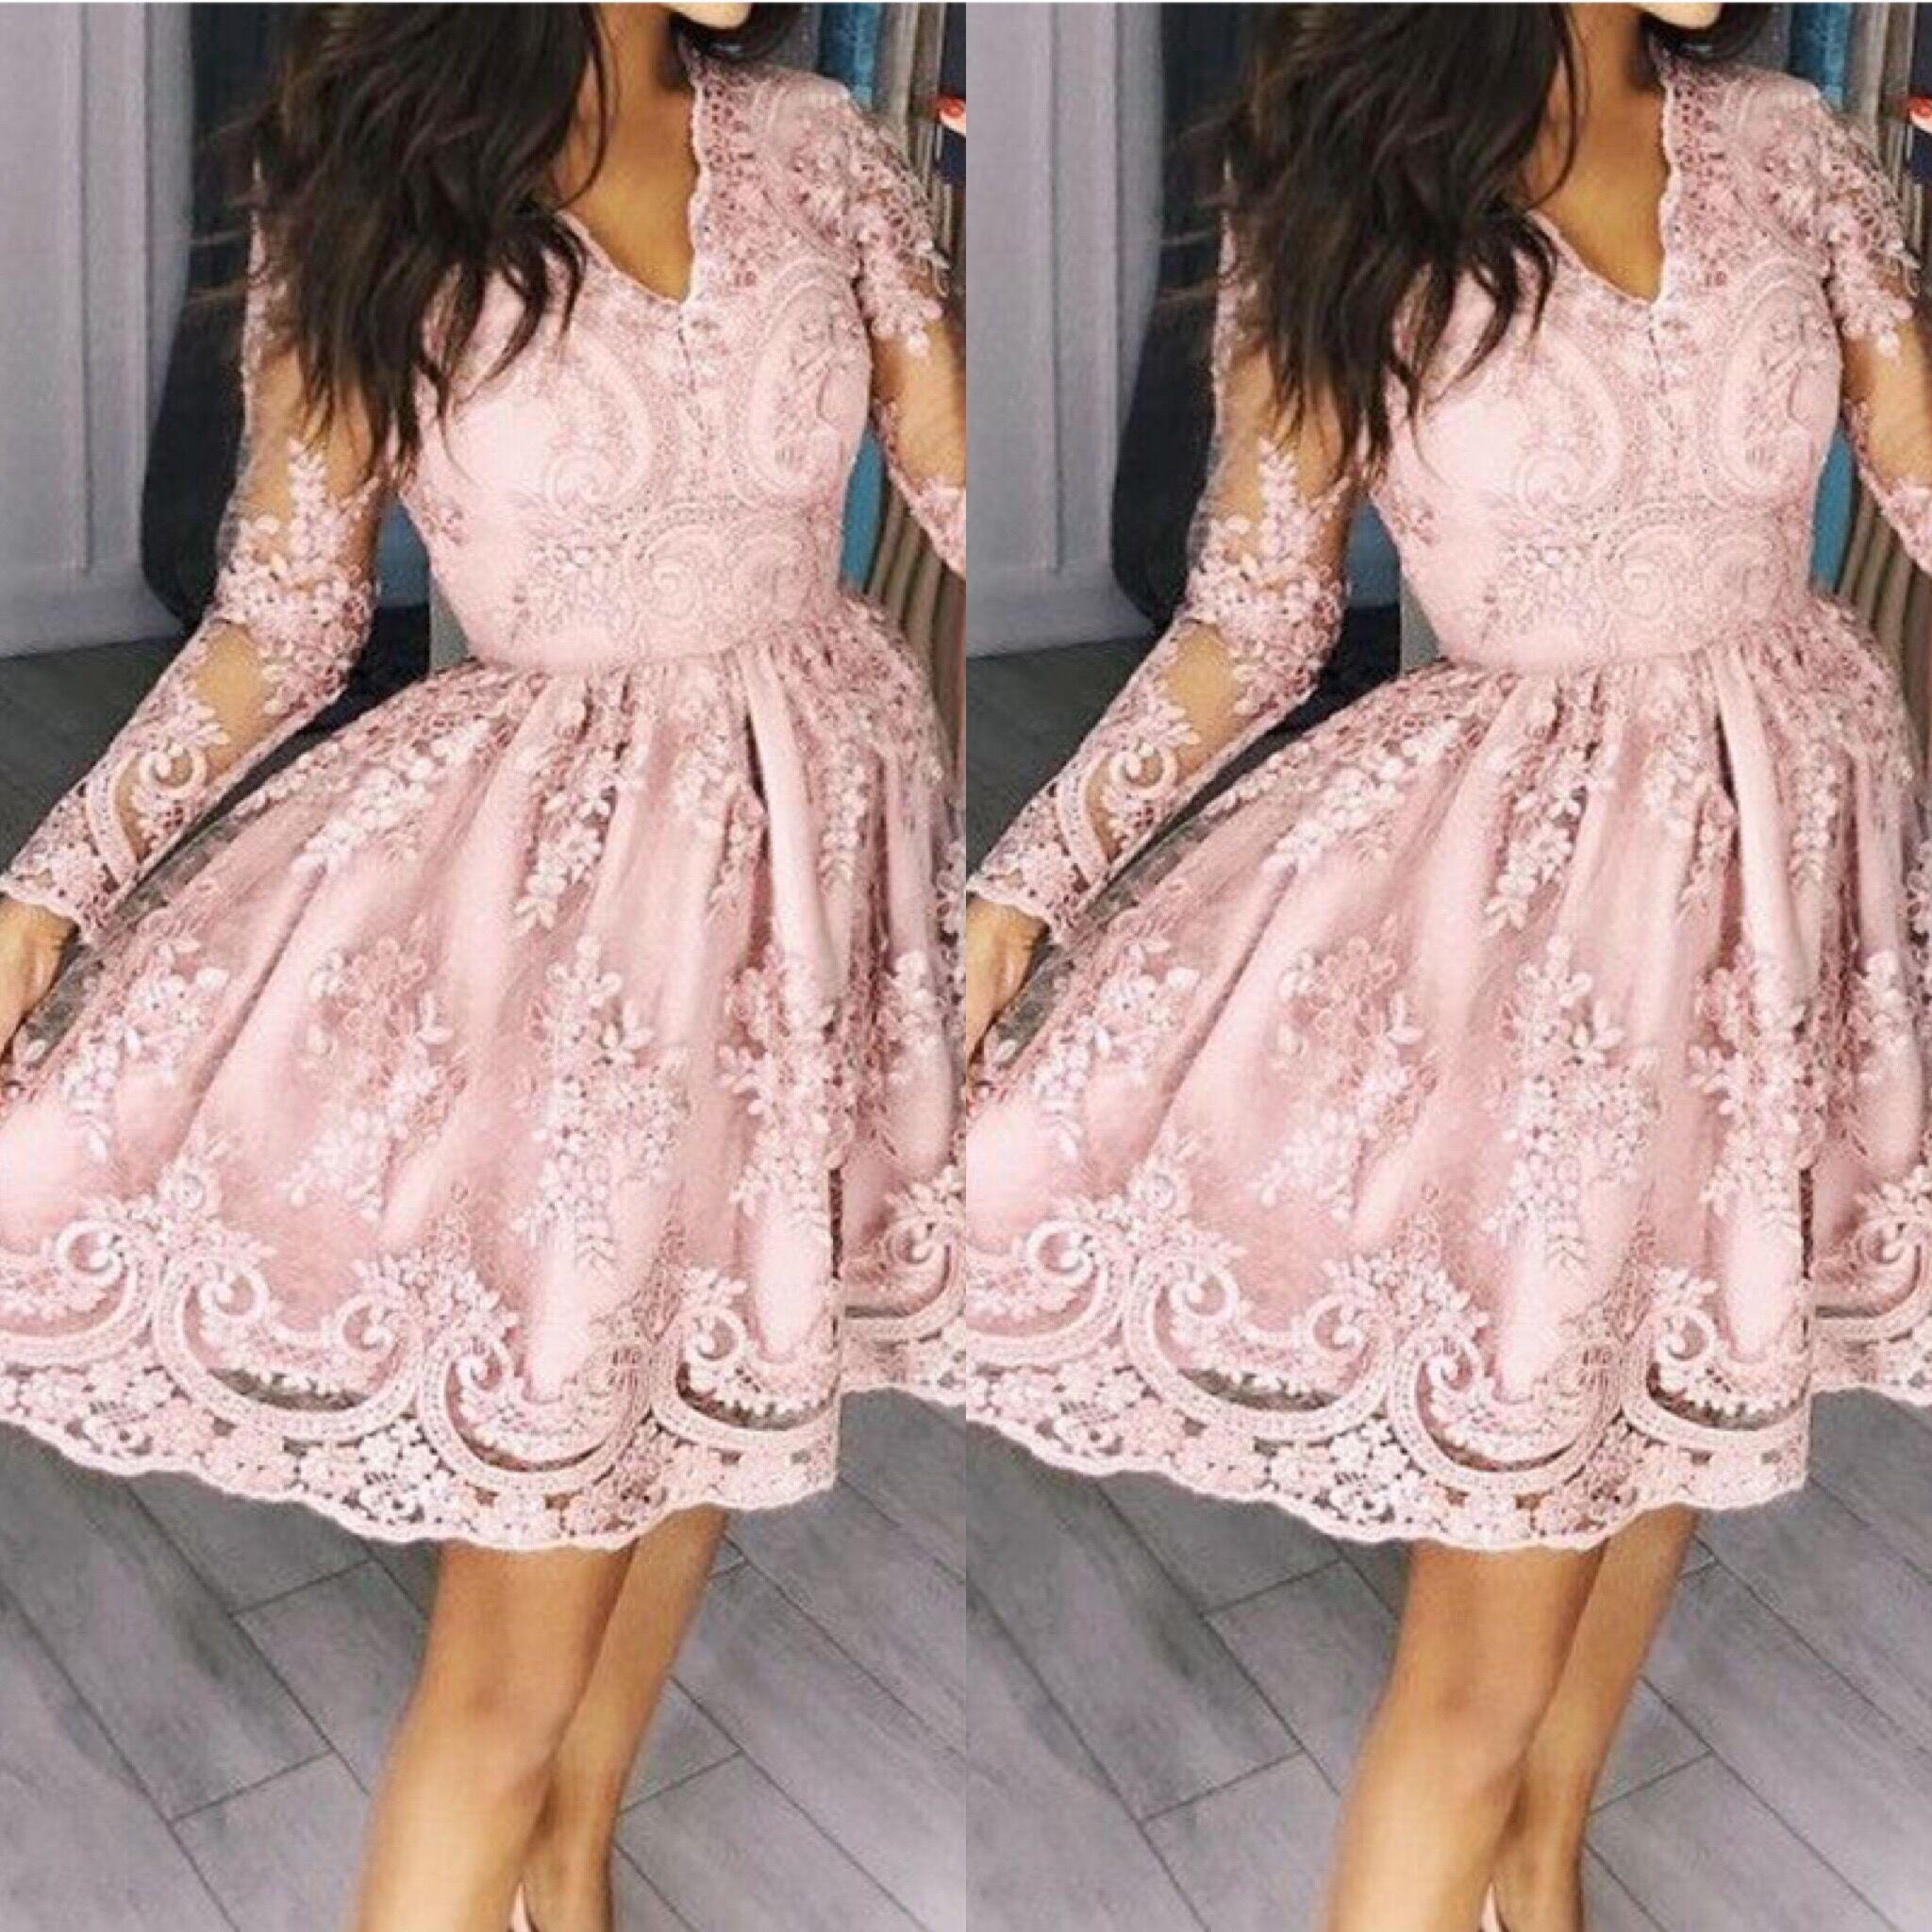 Ztvitalité robes de femmes 2018 offre spéciale Rose Broderie robe tendance Élégante robe de fête A-ligne Pleine Manches Maille robe sexy